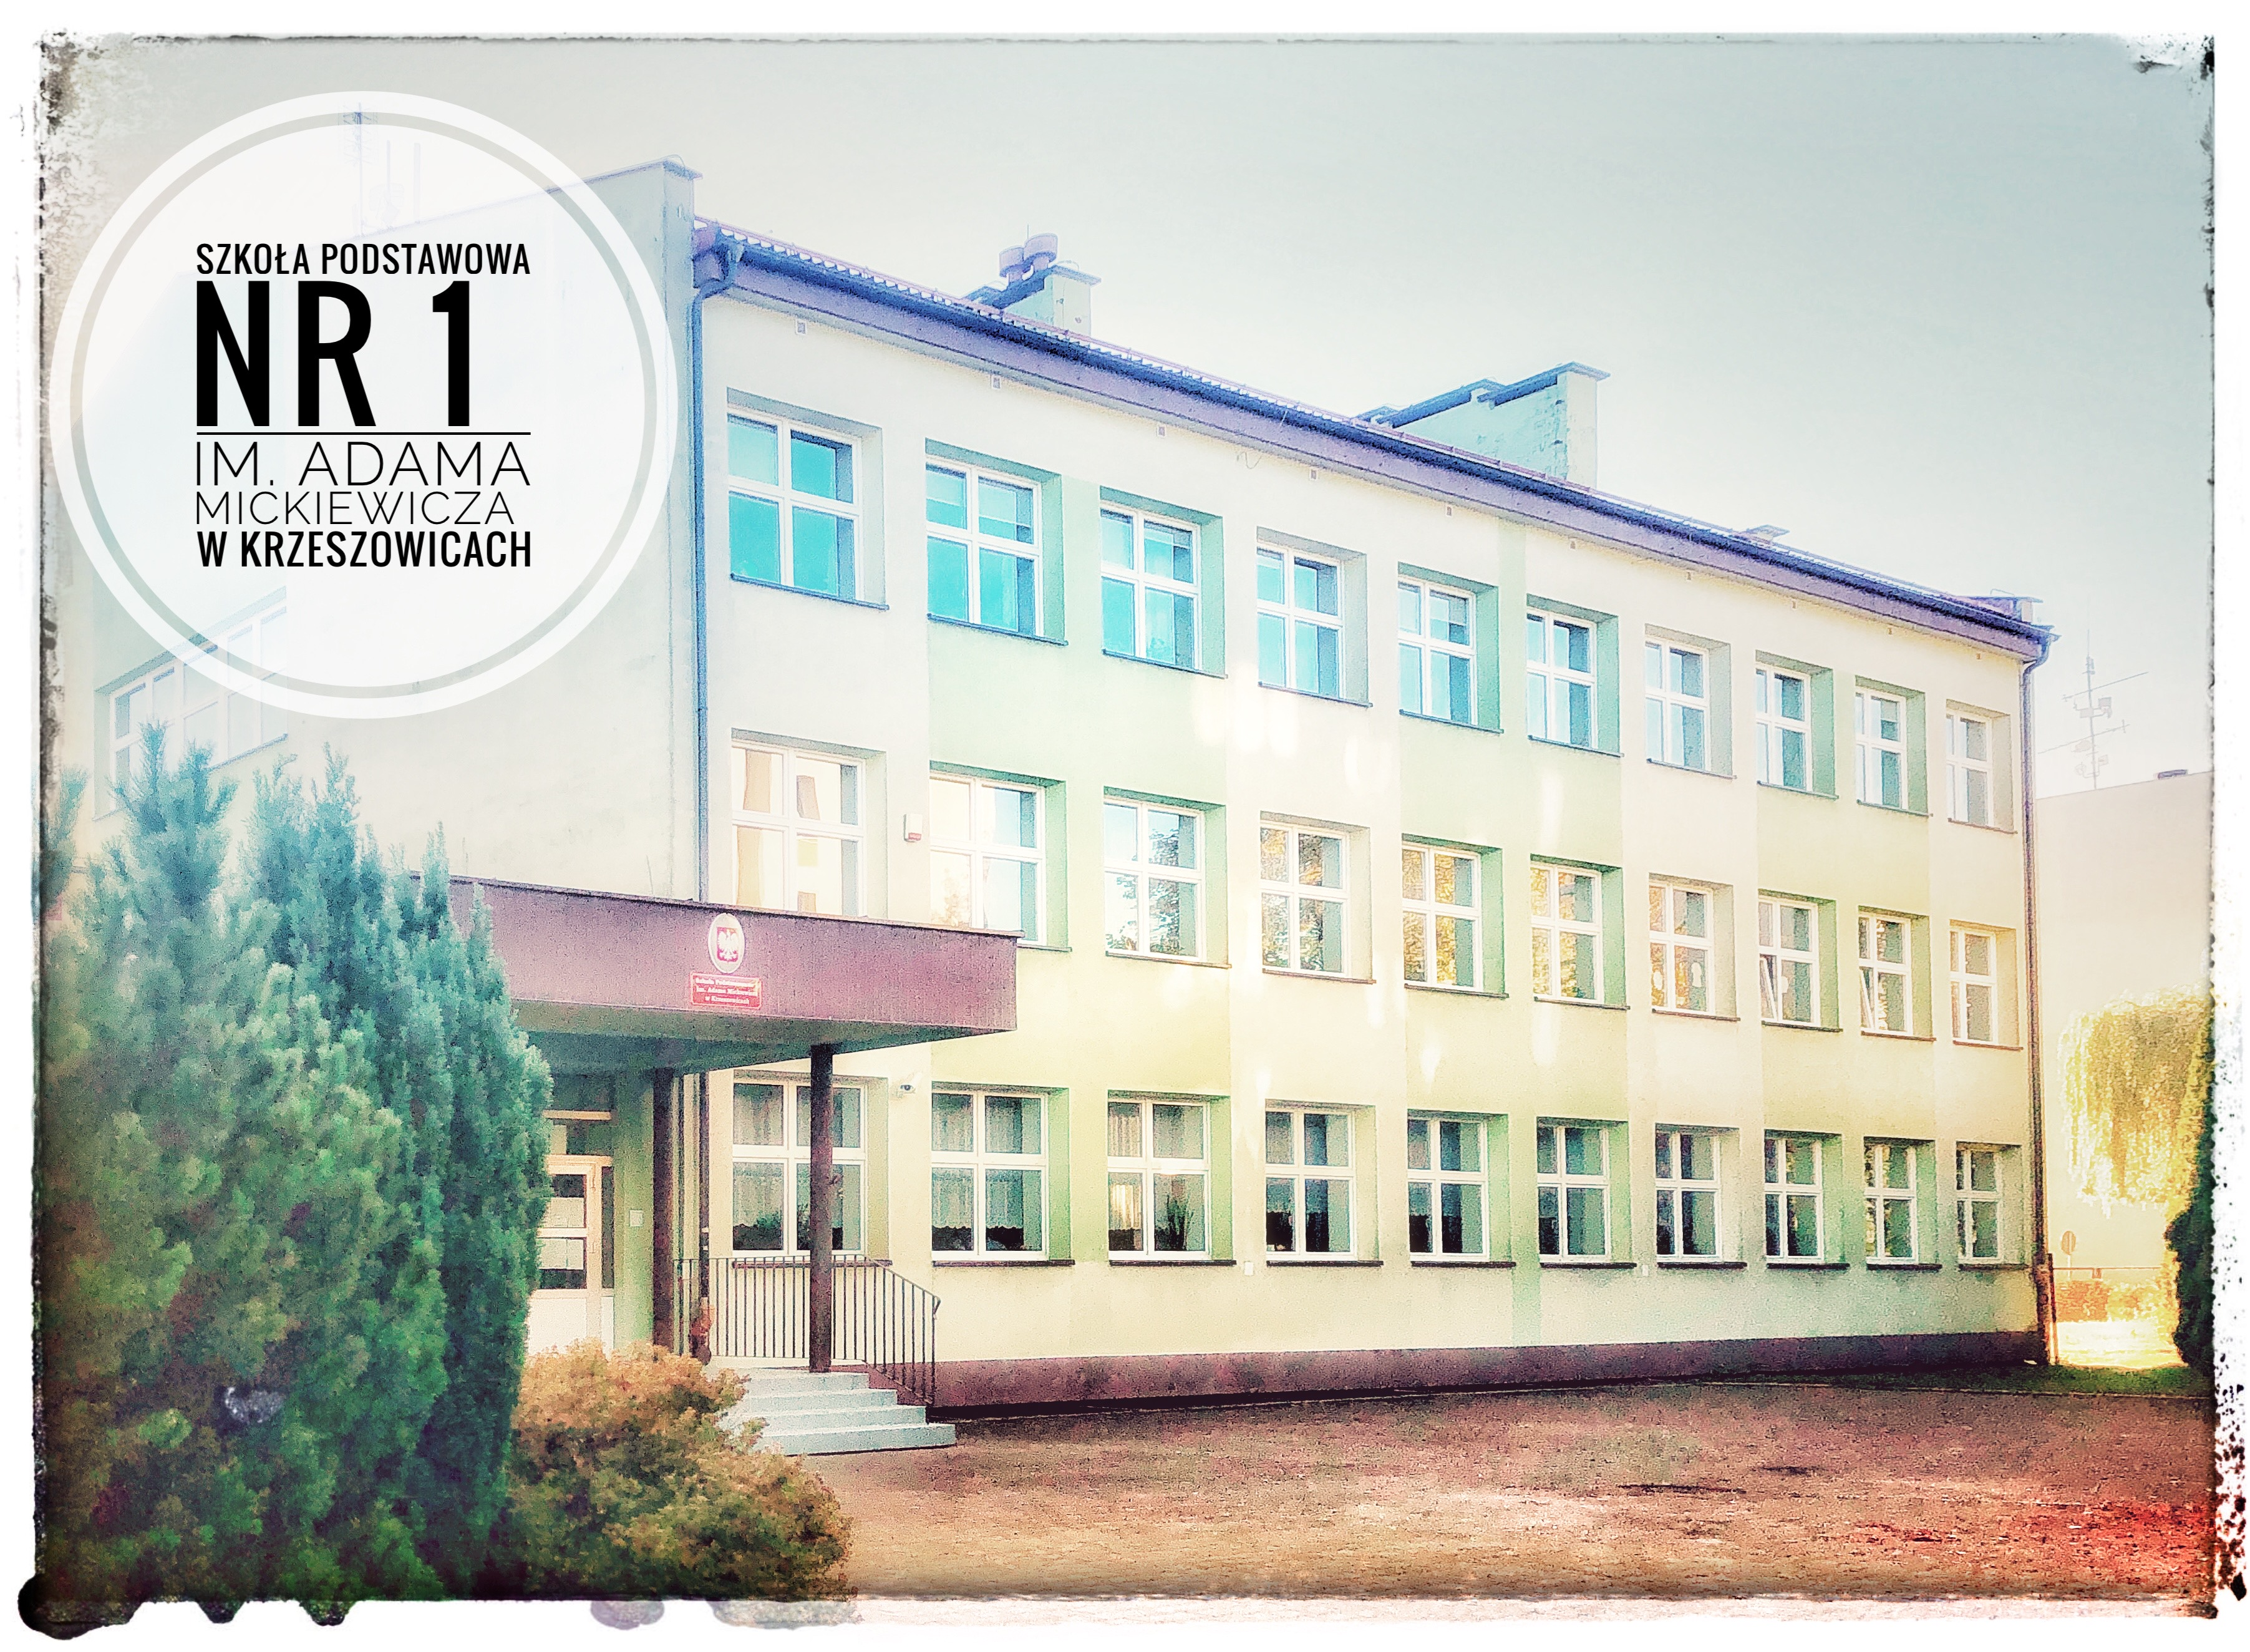 Szkoła Podstawowa nr 1  w Krzeszowicach